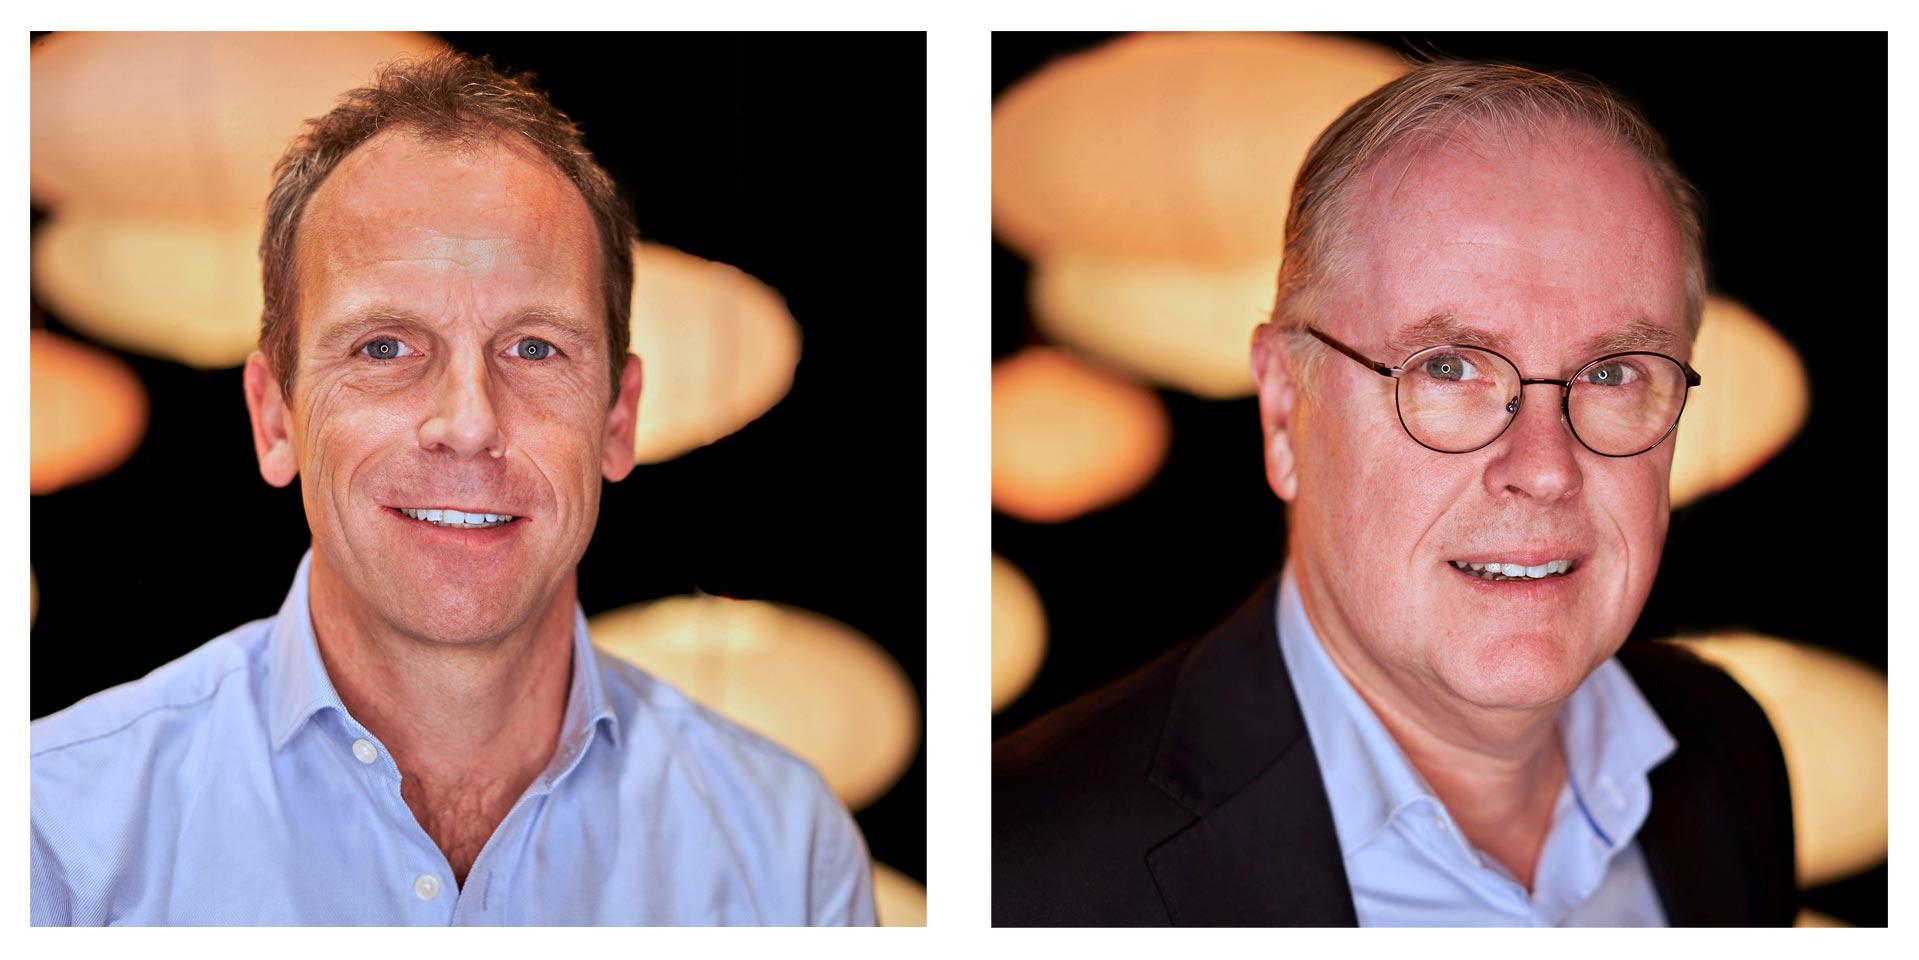 Innr founders Jeroen & Rob